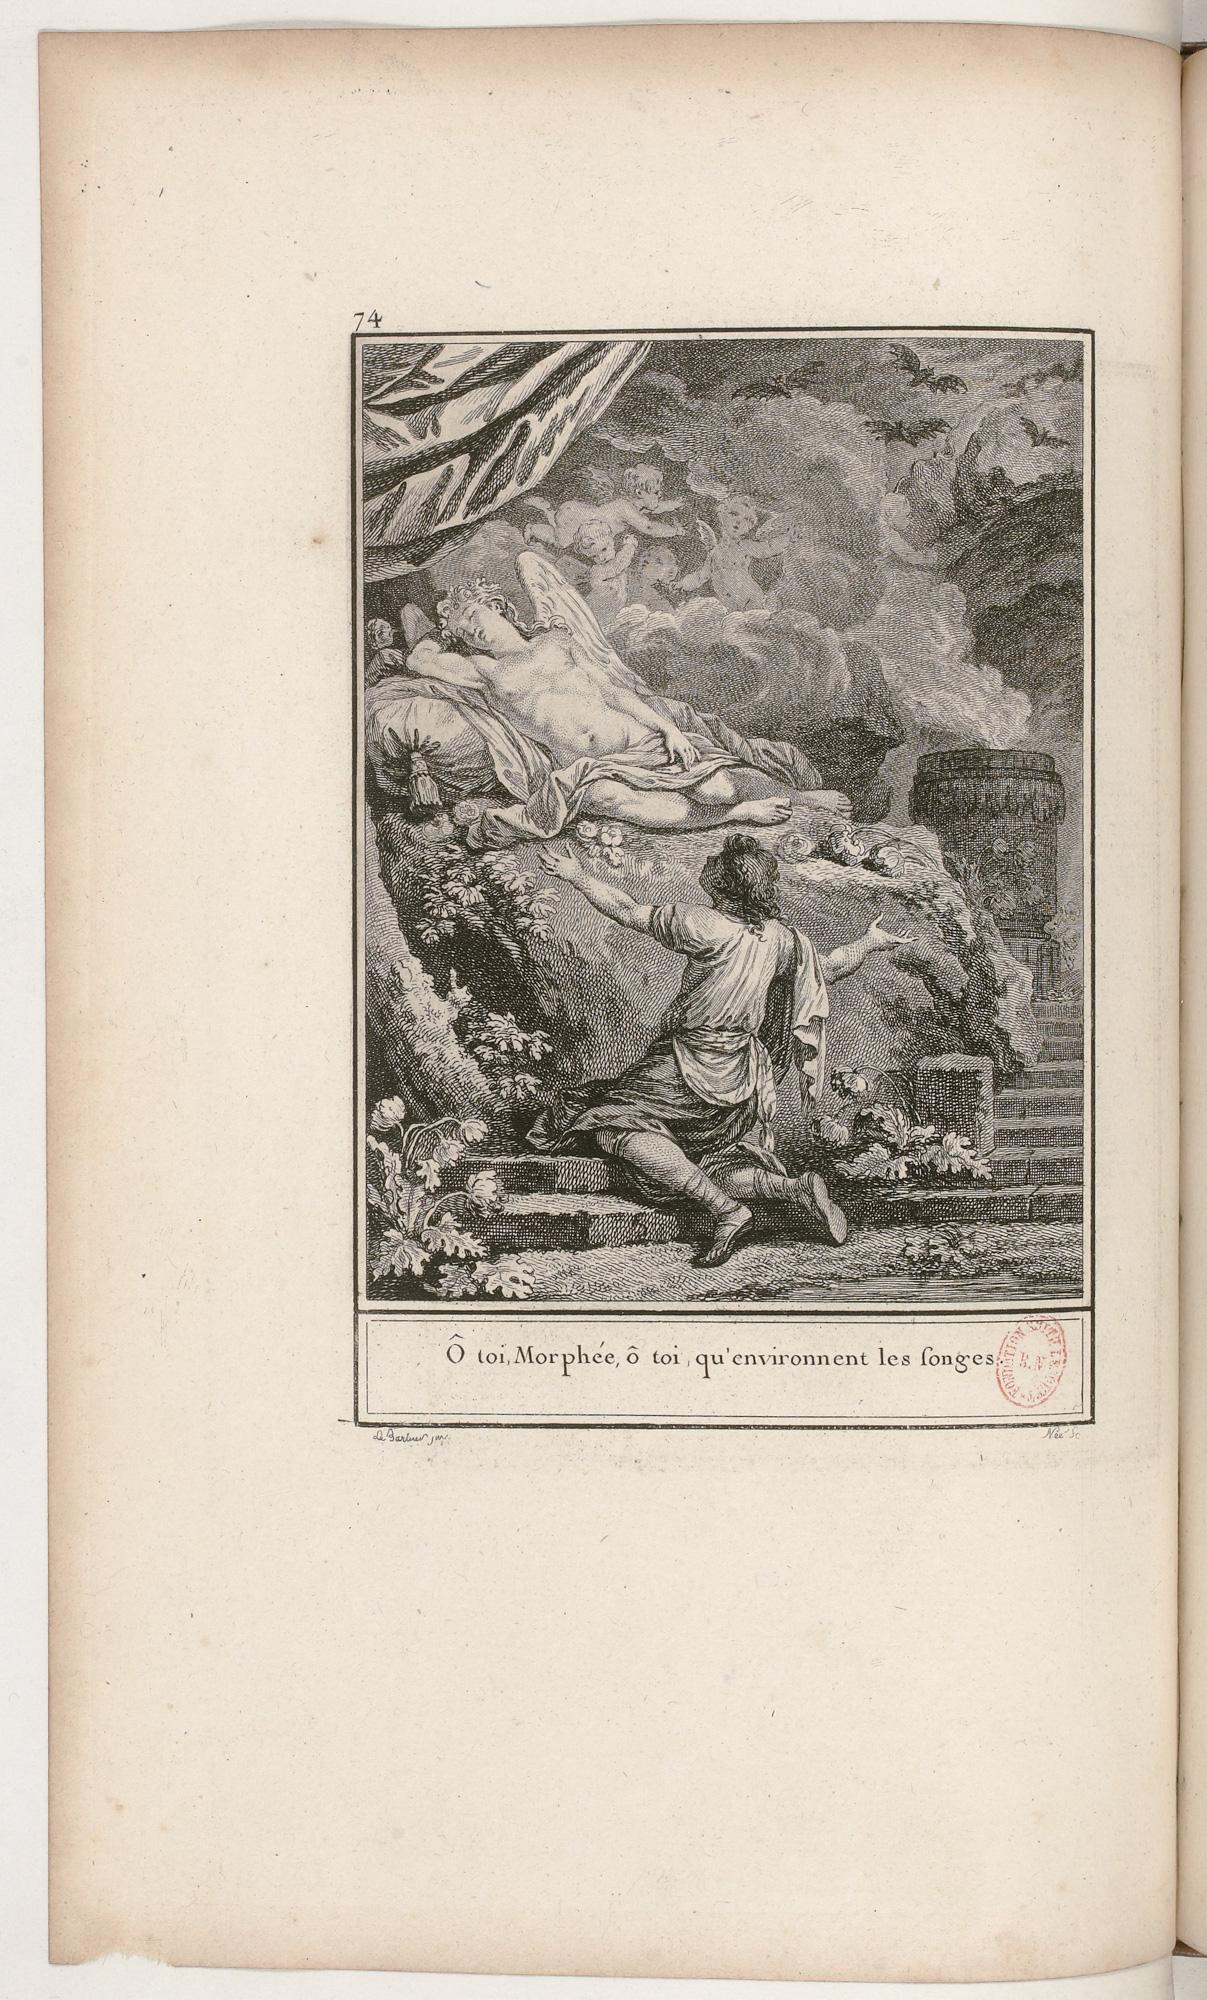 S.3.13 Priere a morphée,1772, Image